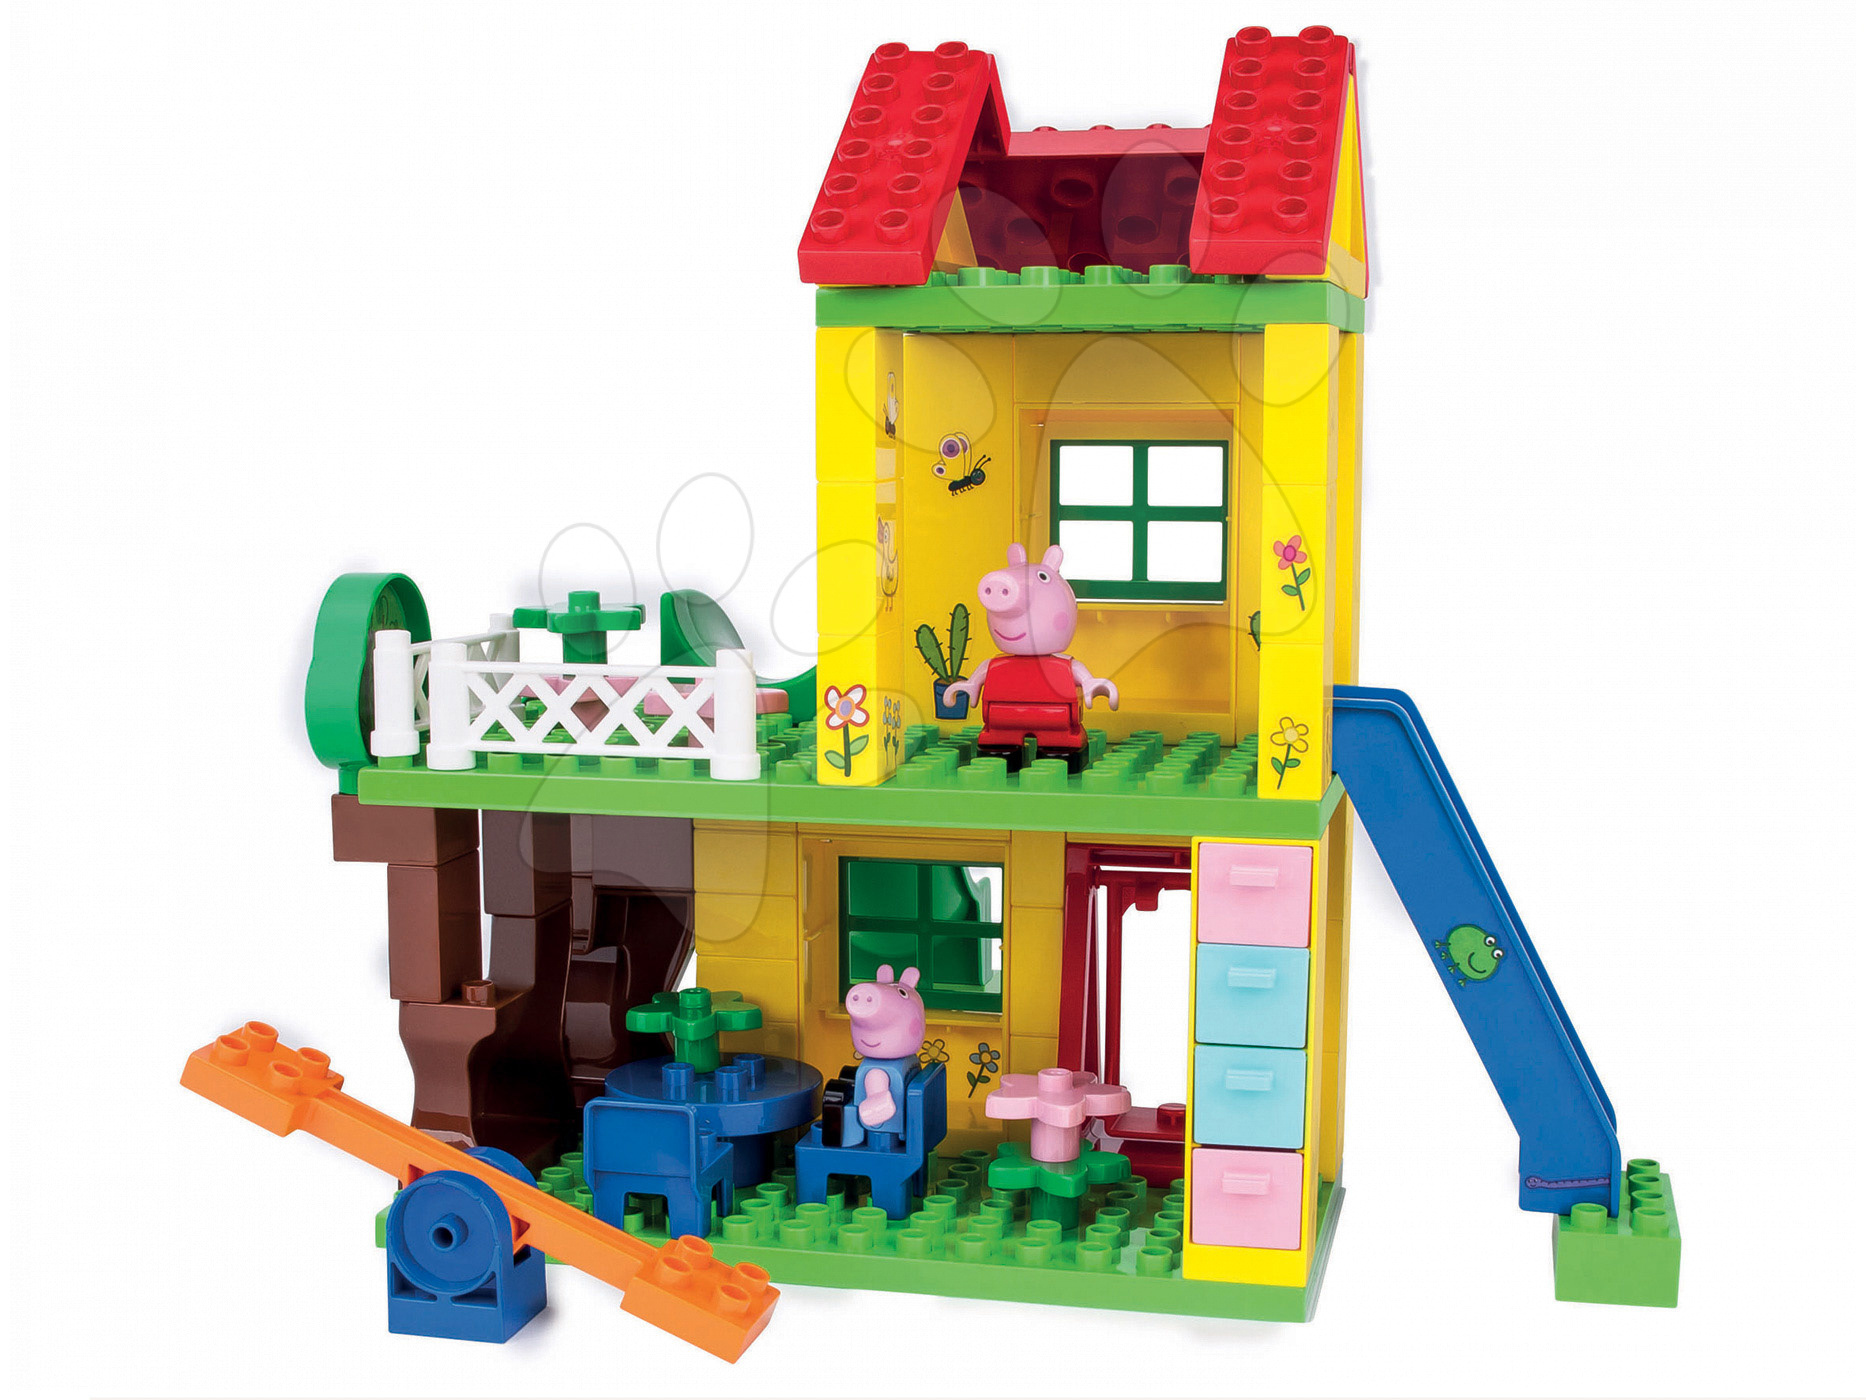 Stavebnice BIG-Bloxx ako lego - Stavebnica Peppa Pig na ihrisku PlayBIG Bloxx BIG s 2 figúrkami 75 dielov od 1,5-5 rokov